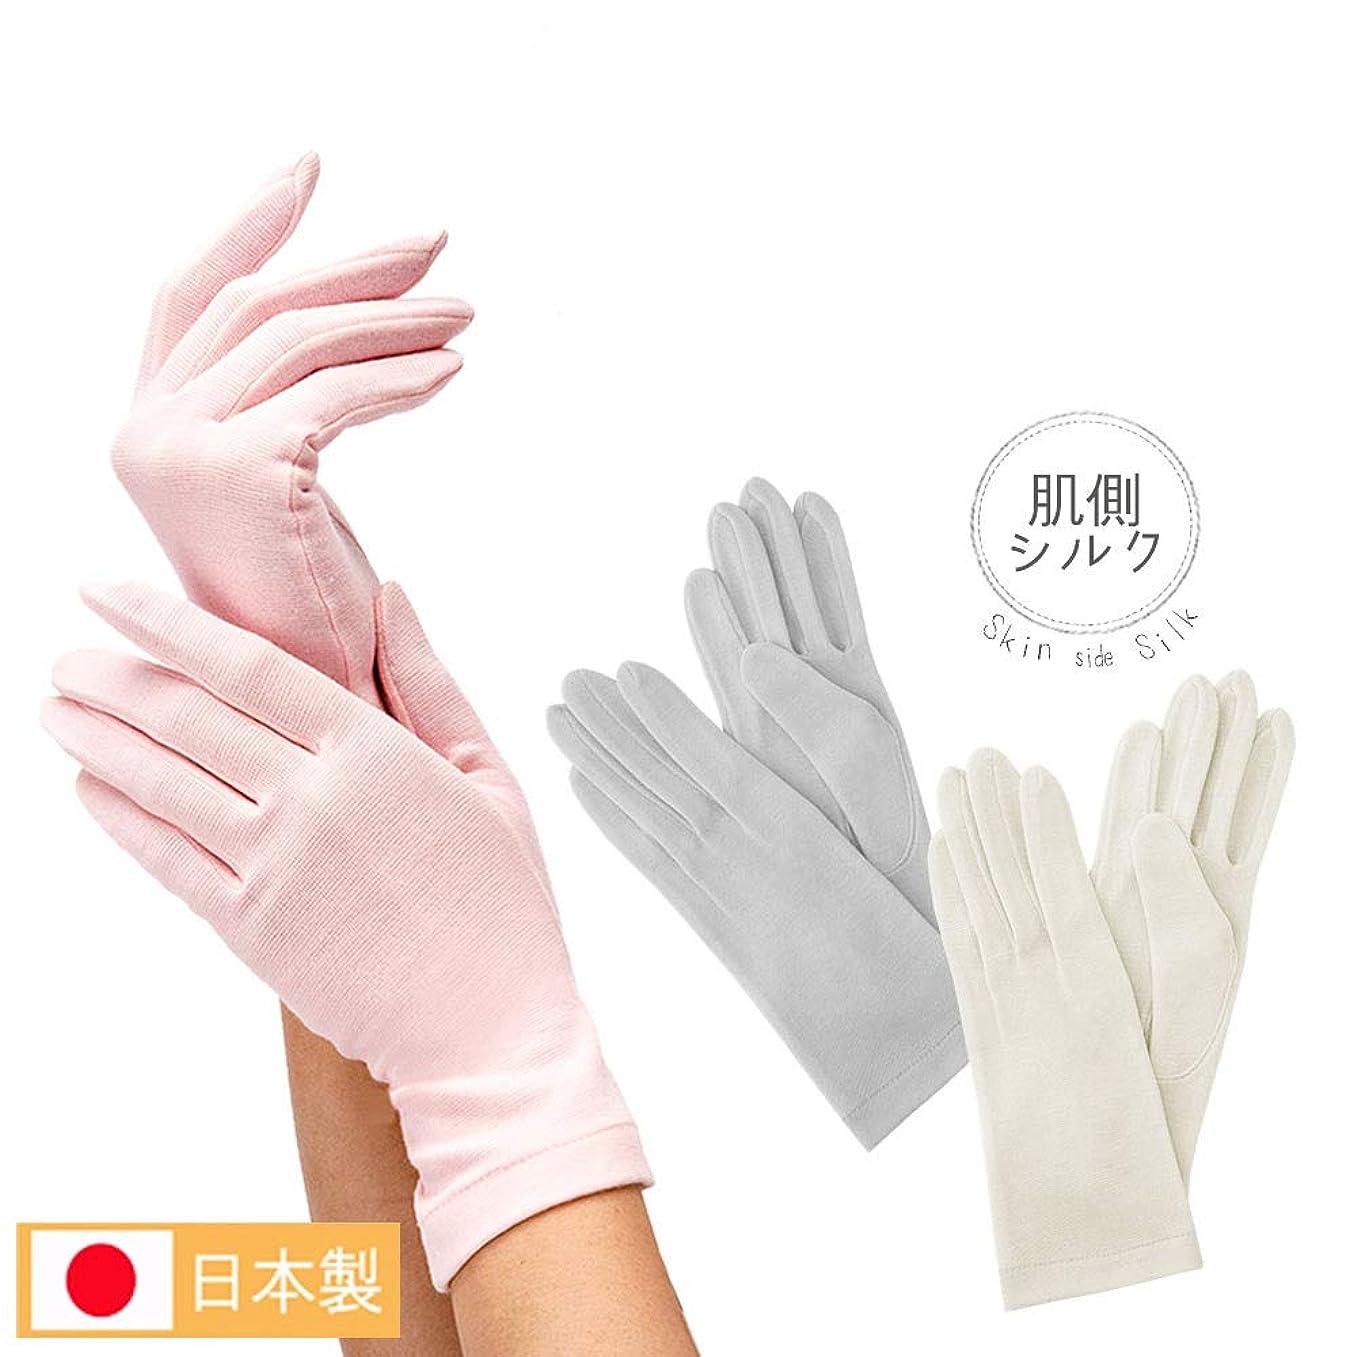 効能鳴らす嫌いG12-0071_PK 就寝用 裏シルクうるおい手袋 あったか 薄い 手荒れ ハンドケア 保湿 レディース 女性 おやすみ 寝るとき 日本製 ピンク